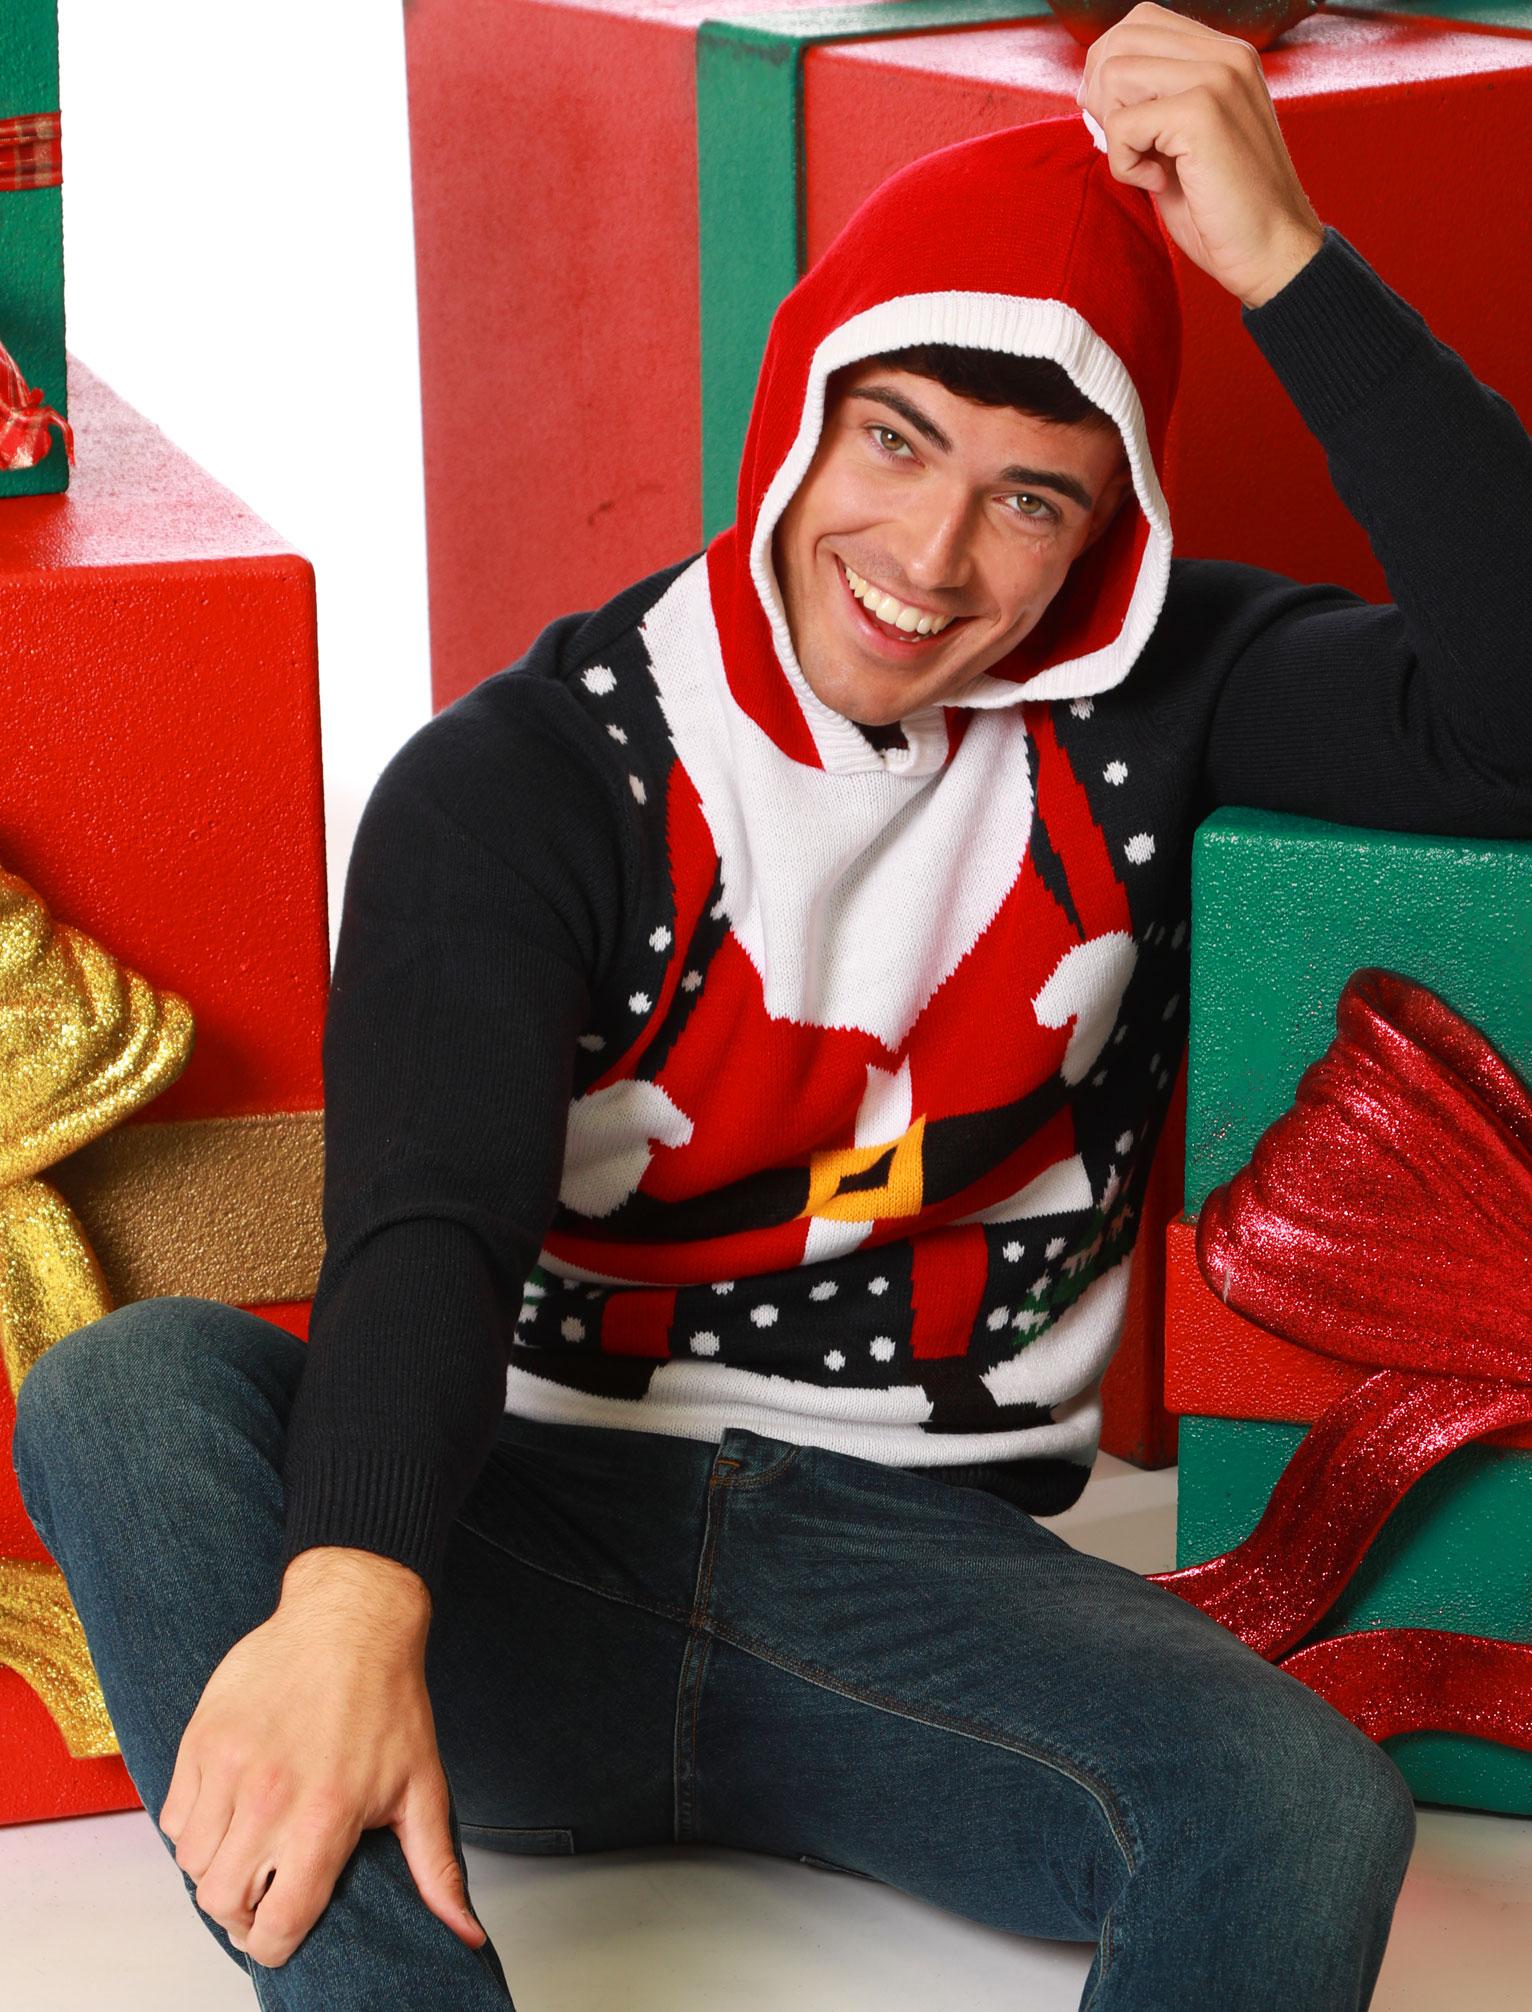 Feliz-Navidad-Para-Hombre-Novedad-Navidad-Sueter-Santa-Elfo-Reno-divertido-Cerveza miniatura 79